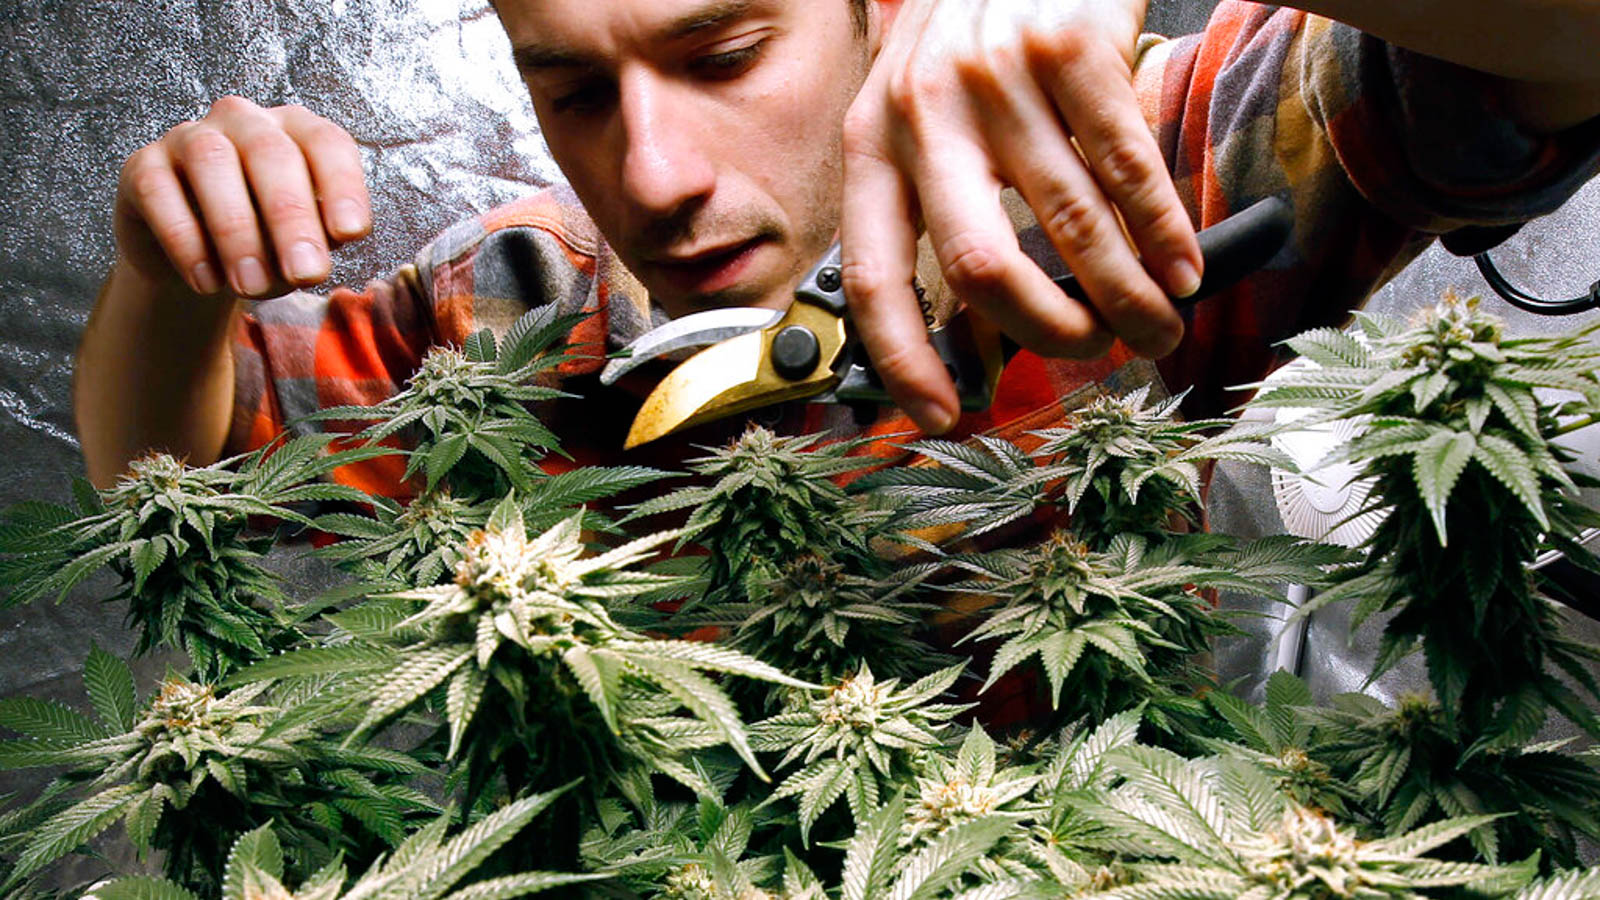 Исследования вреда марихуаны смотреть бесплатно в онлайн про коноплю